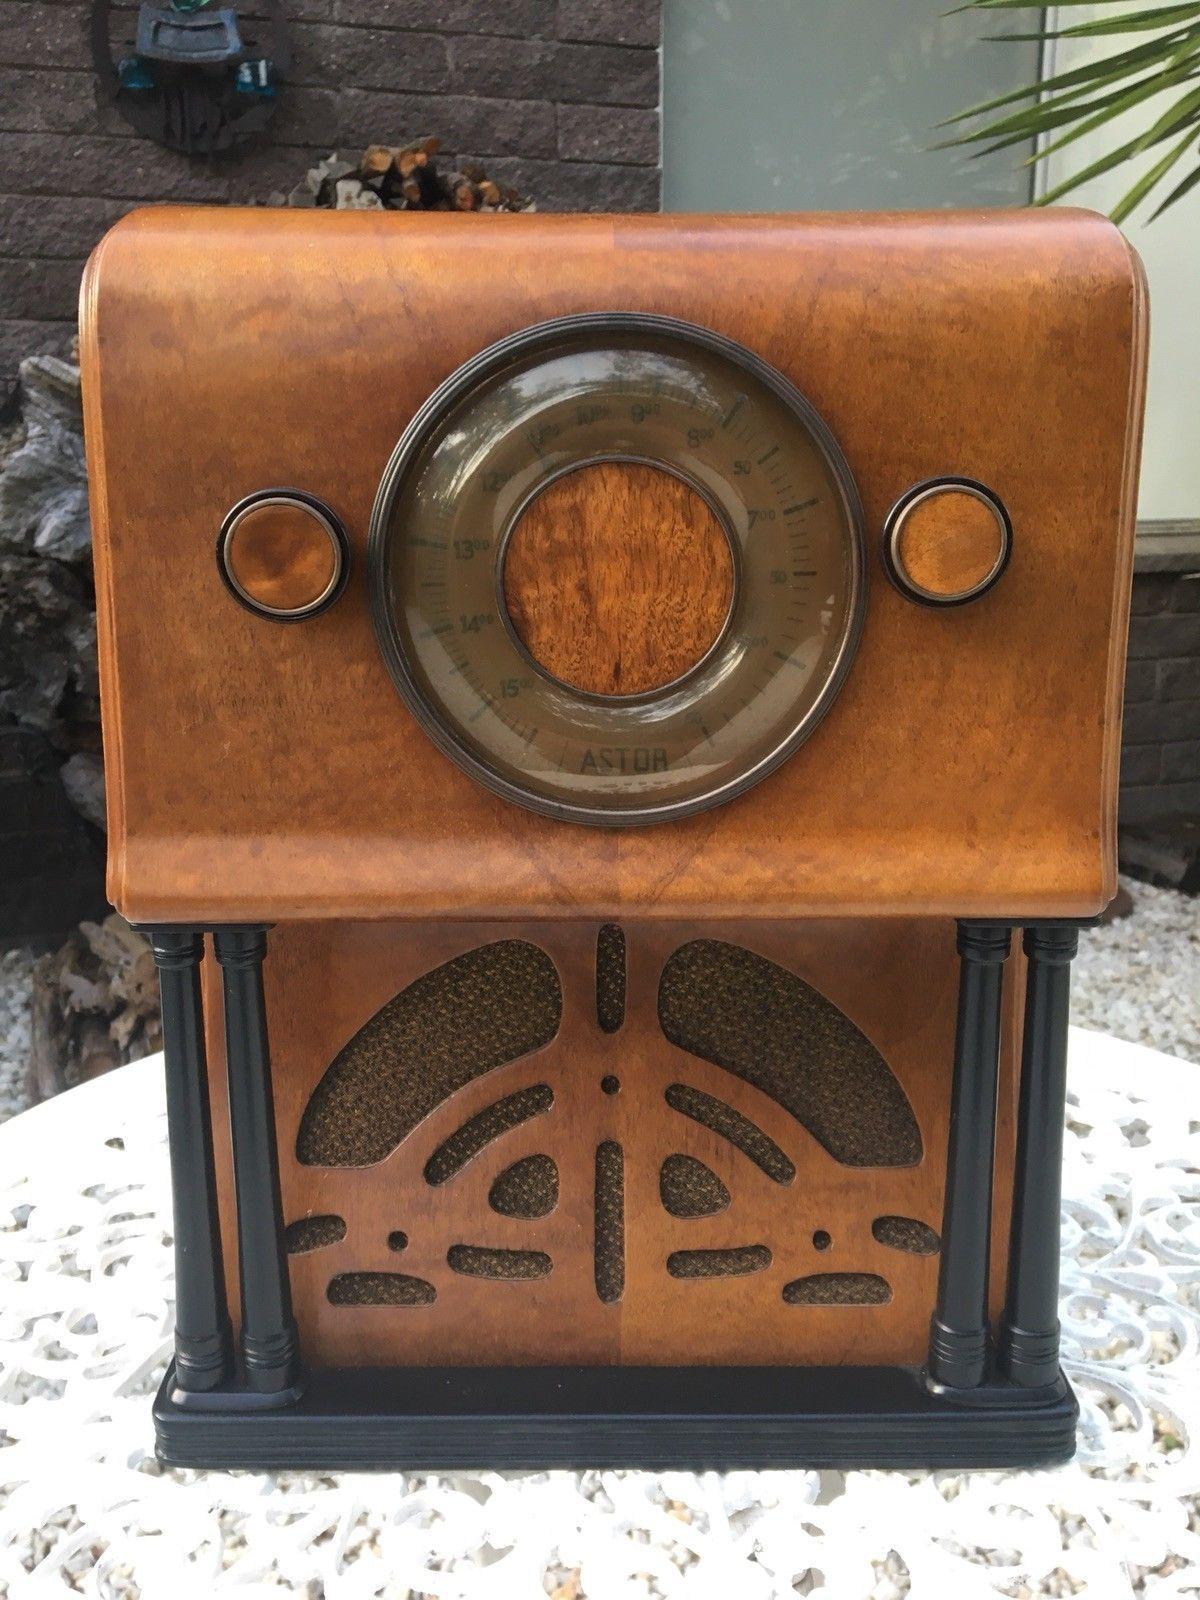 Collectable Tube Radios For Sale Shop With Afterpay Ebay Televizyon Vintage Astor Mickey Grand Valve Radio S In 2020 Antique Radio Retro Radios Vintage Radio